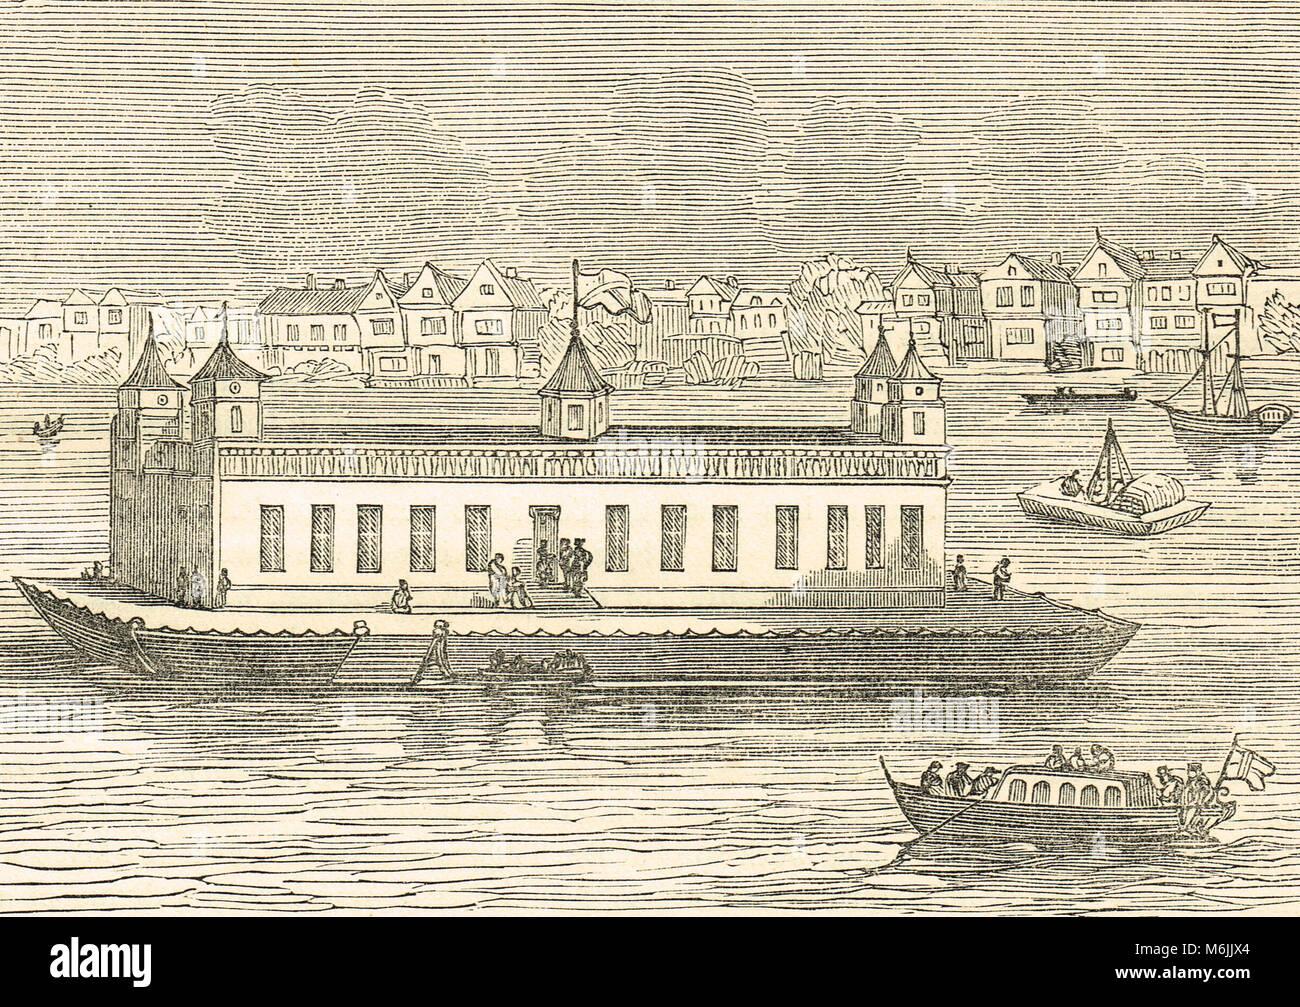 La Locura, sobre el río Támesis, del siglo XVII, casa flotante de entretenimiento, en el reinado de Carlos Imagen De Stock